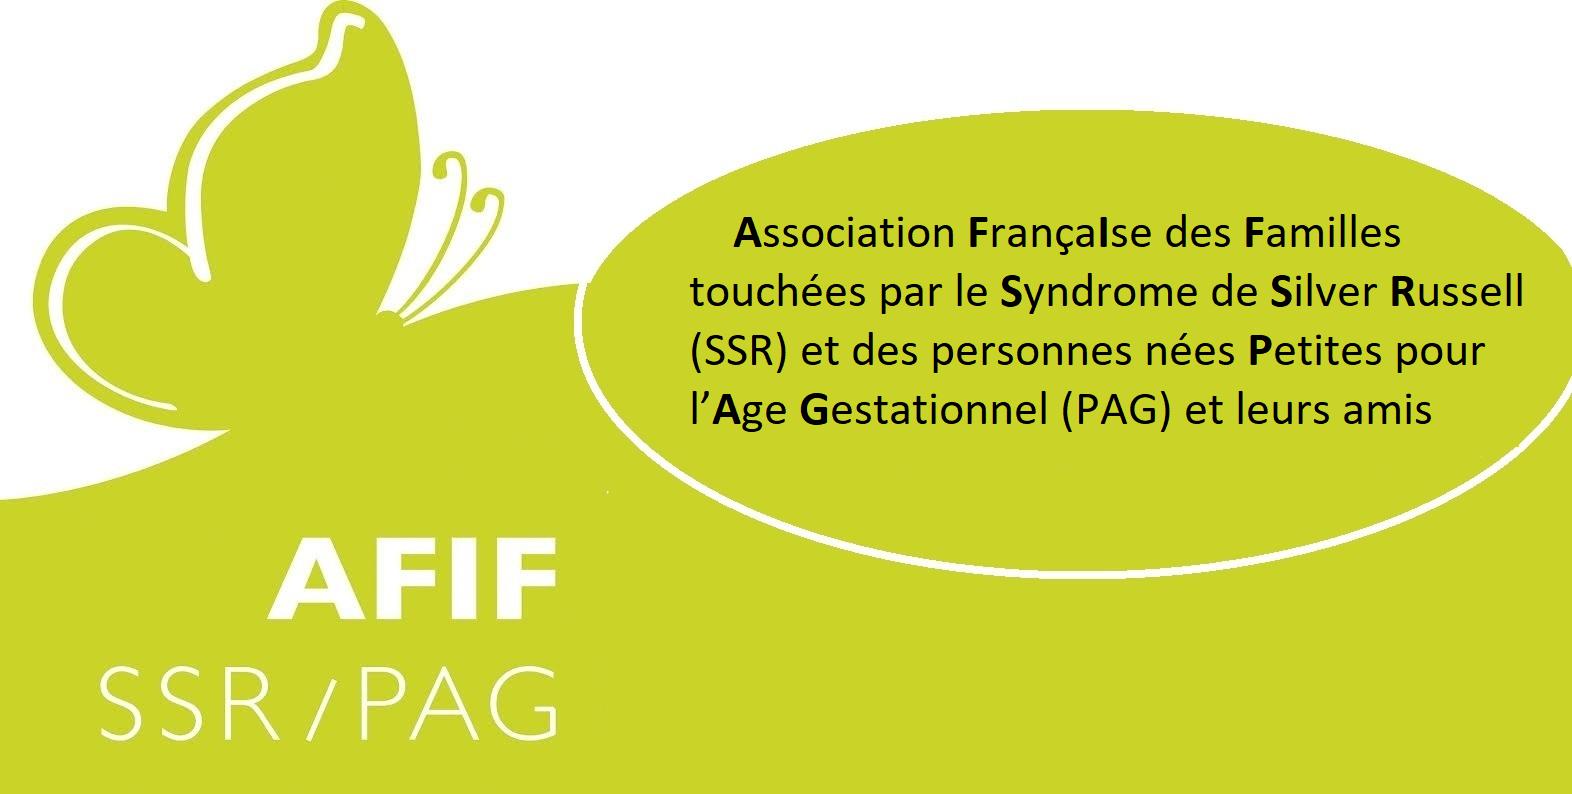 AFIF SSR PAG - Association Française des Familles touchées par le syndrome de Silver Russell (SSR) et des personnes nées Petites pour l'Age Gestationnel (PAG) et leurs amis